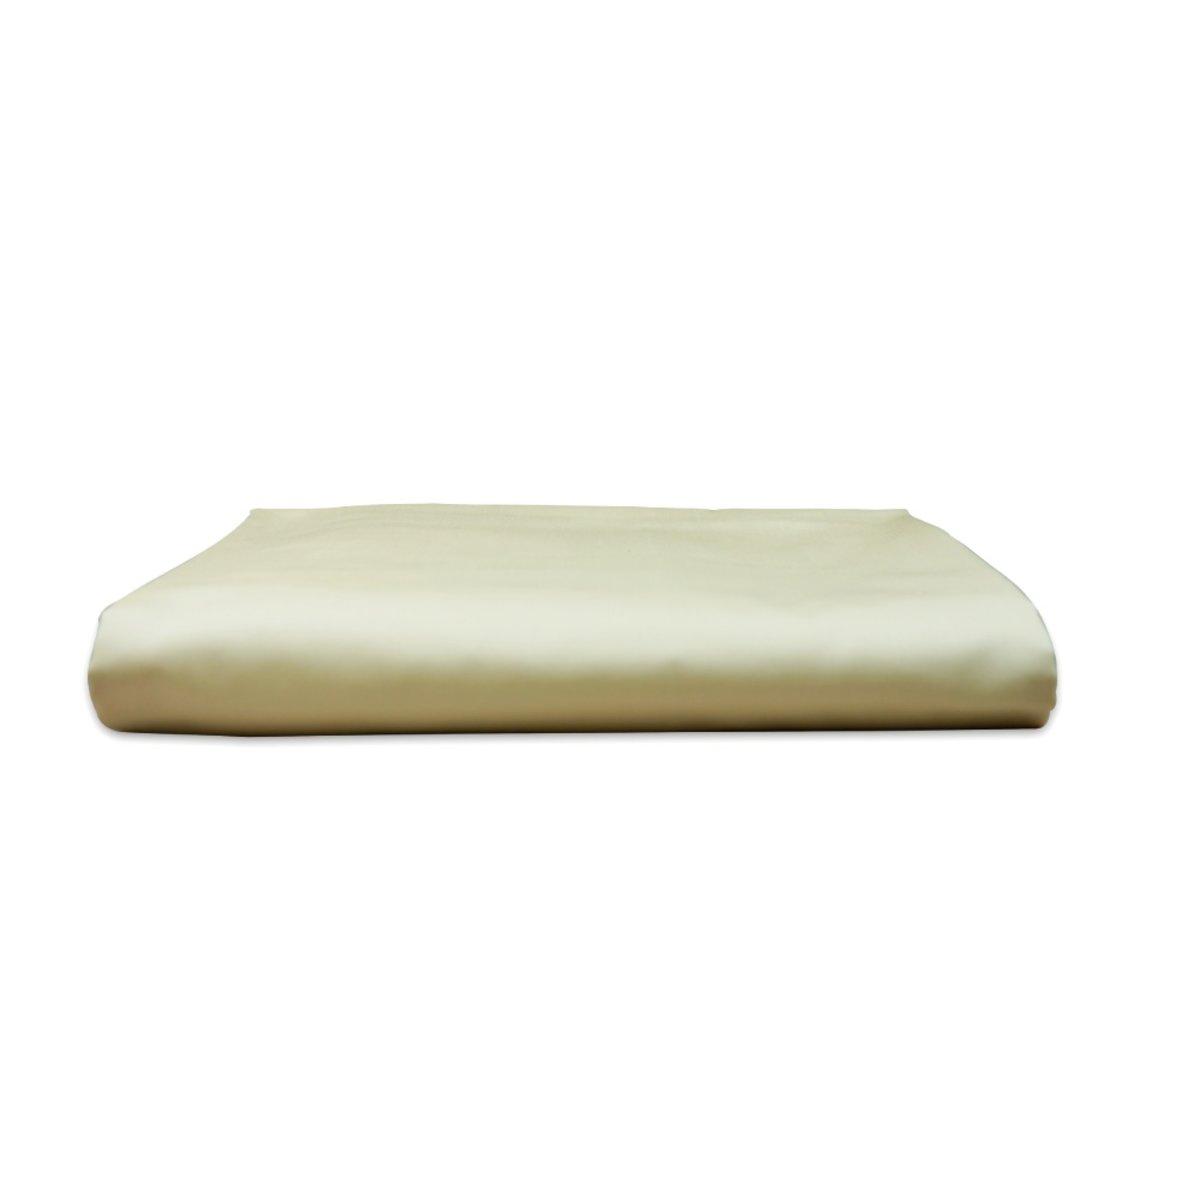 雙人【象牙】被袋 名酒店專用 瑞士認證 高針數100% 頂級埃及棉